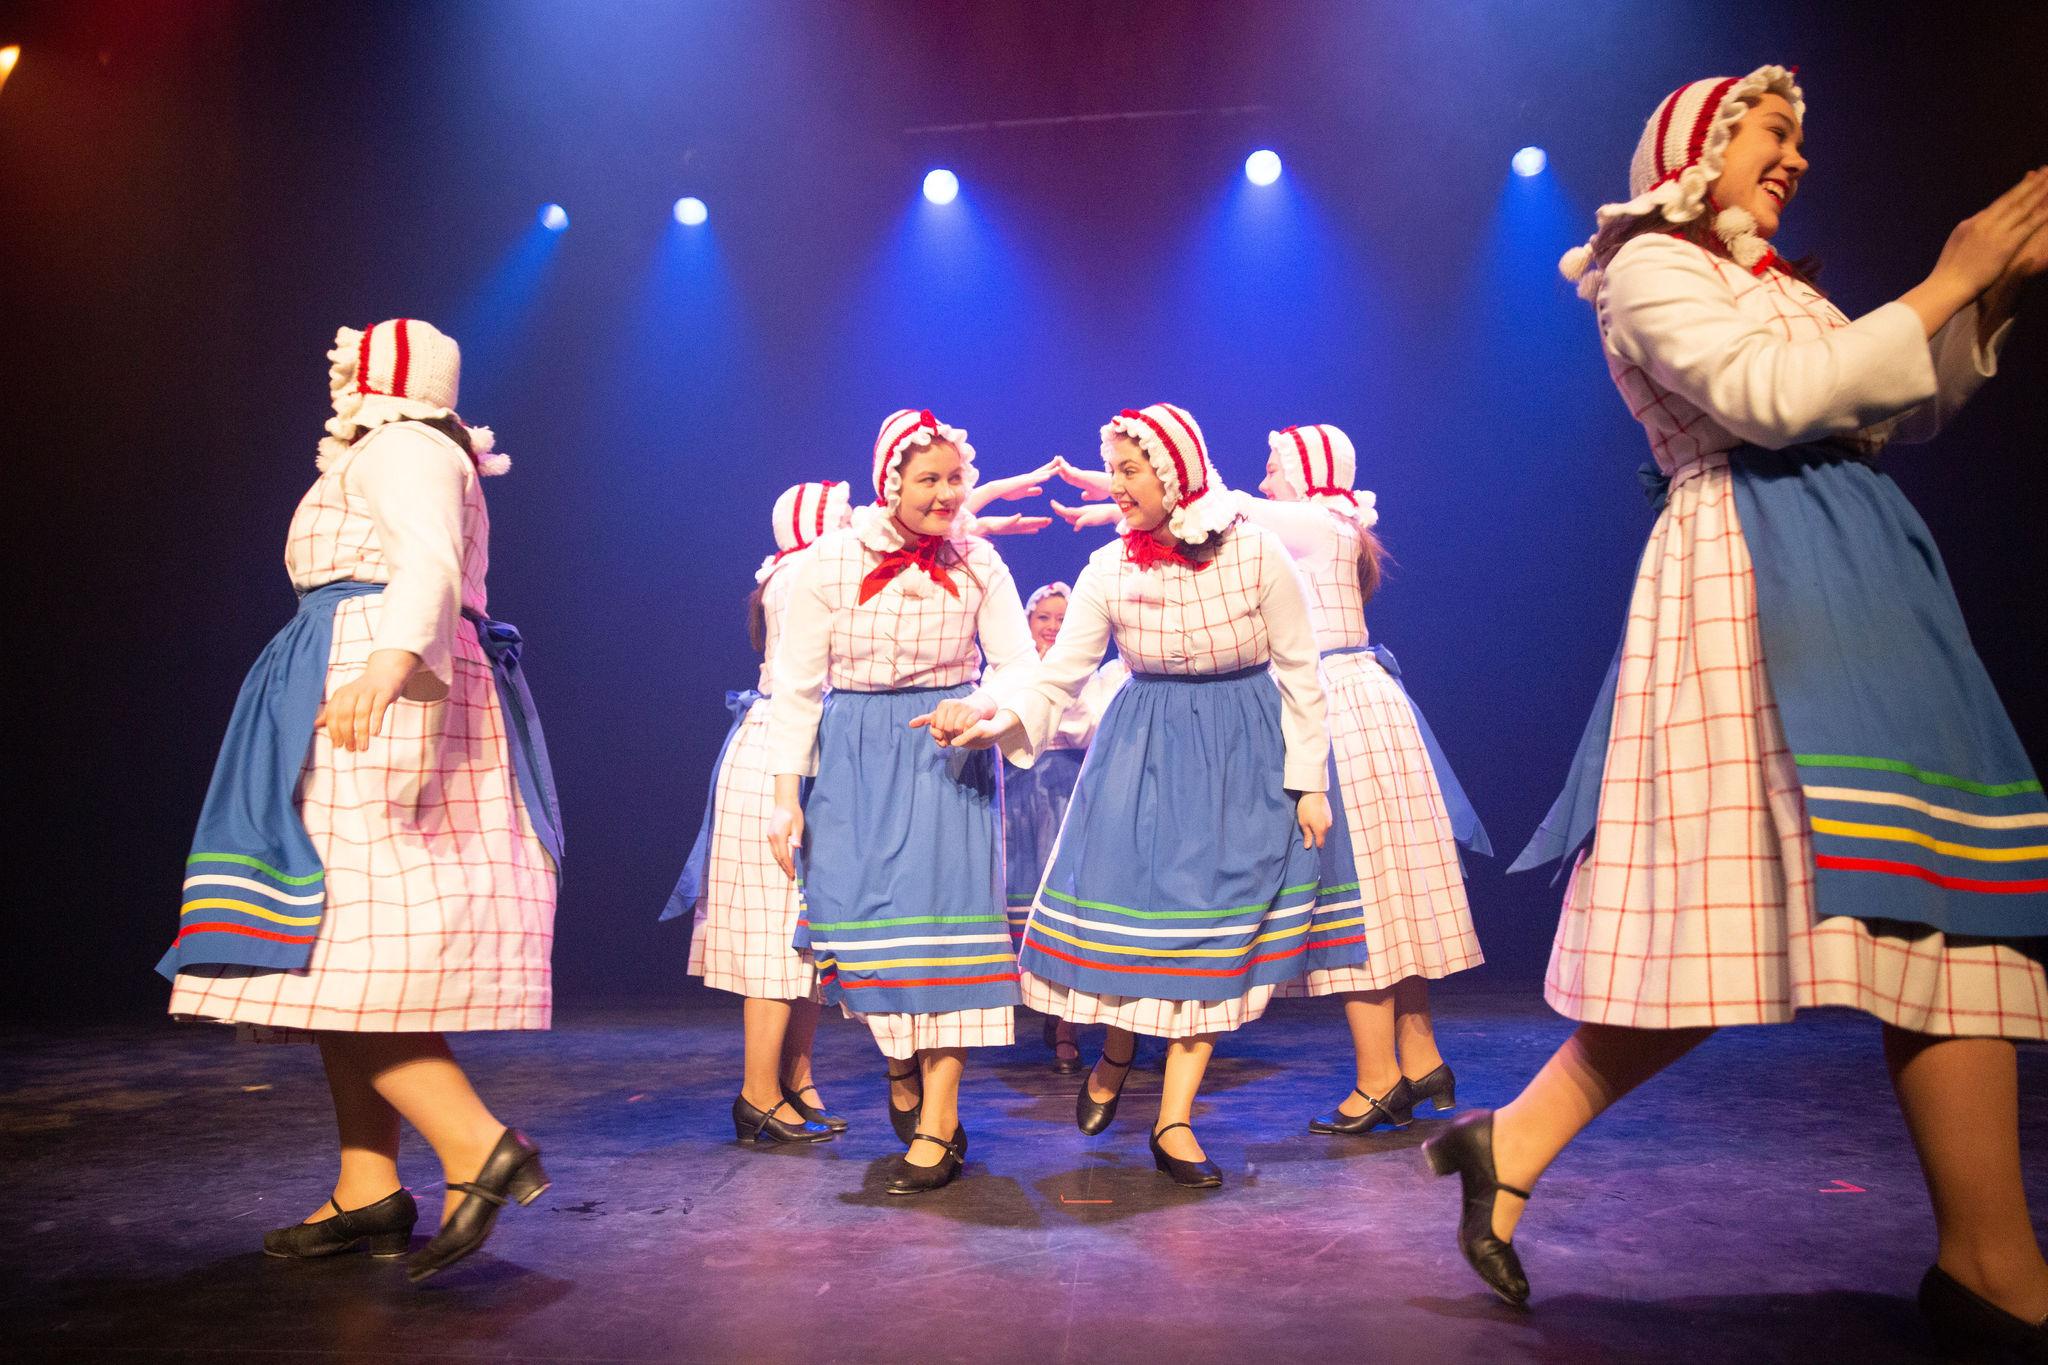 Manigance troupe de danse costume Beauceron